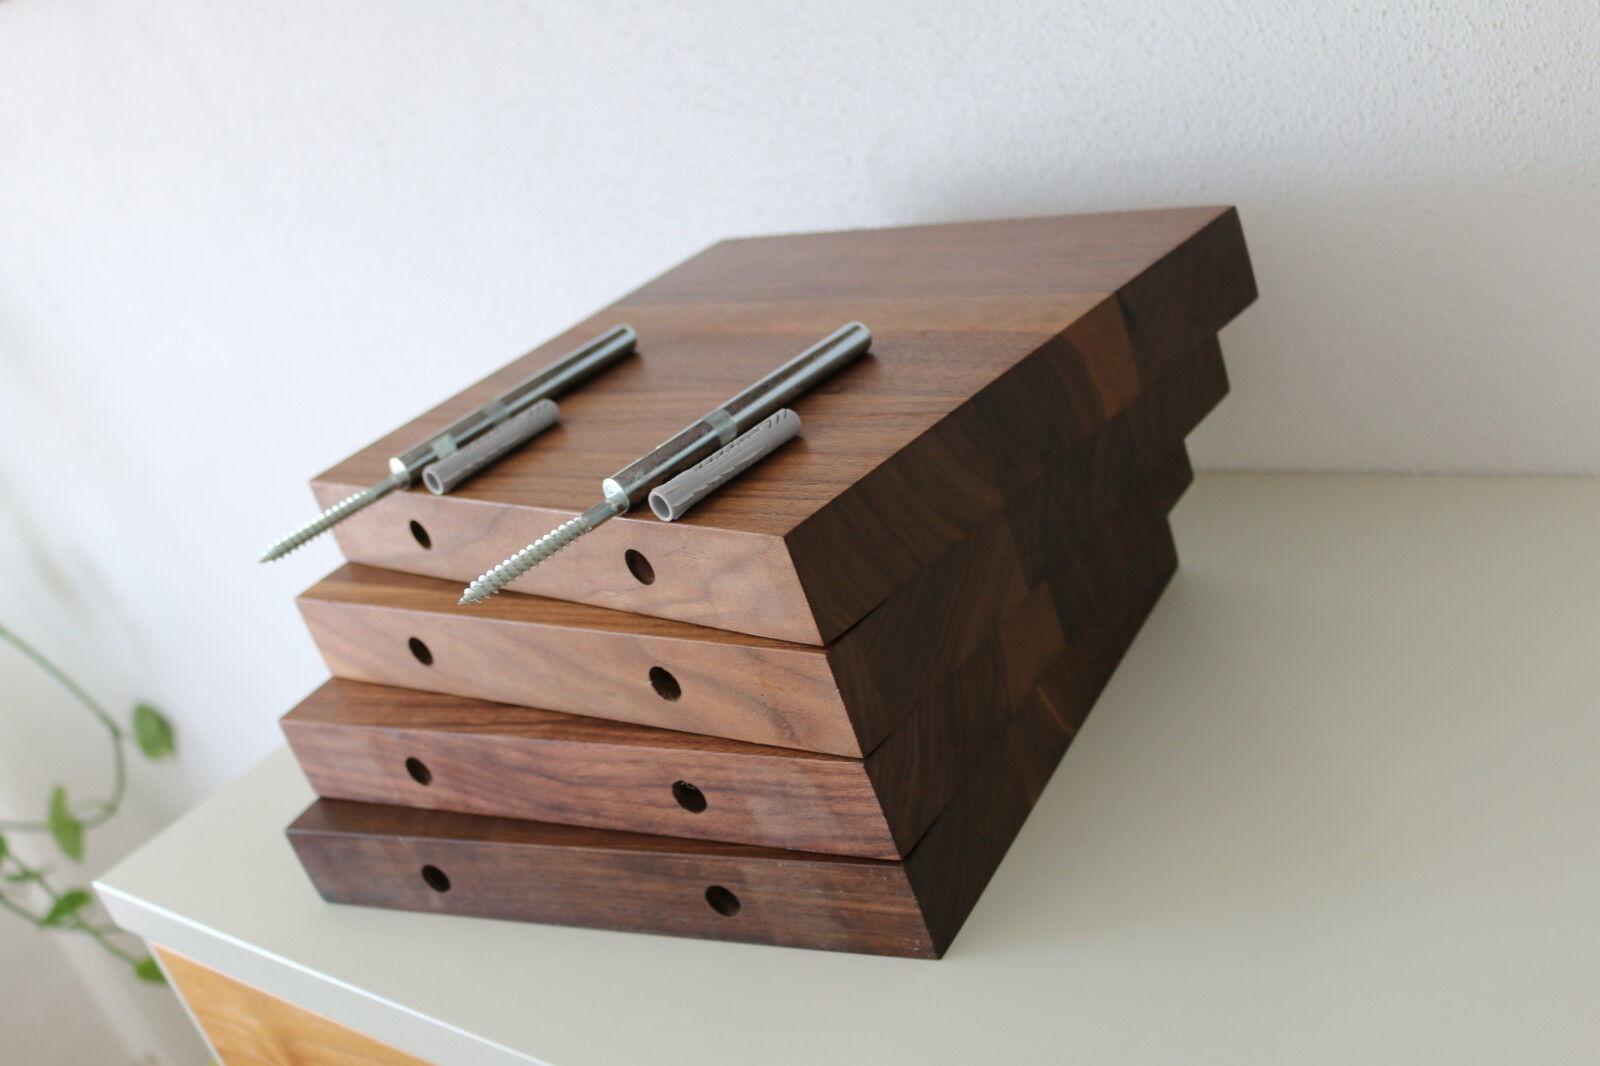 wandboard holz wandboard charley with wandboard holz. Black Bedroom Furniture Sets. Home Design Ideas